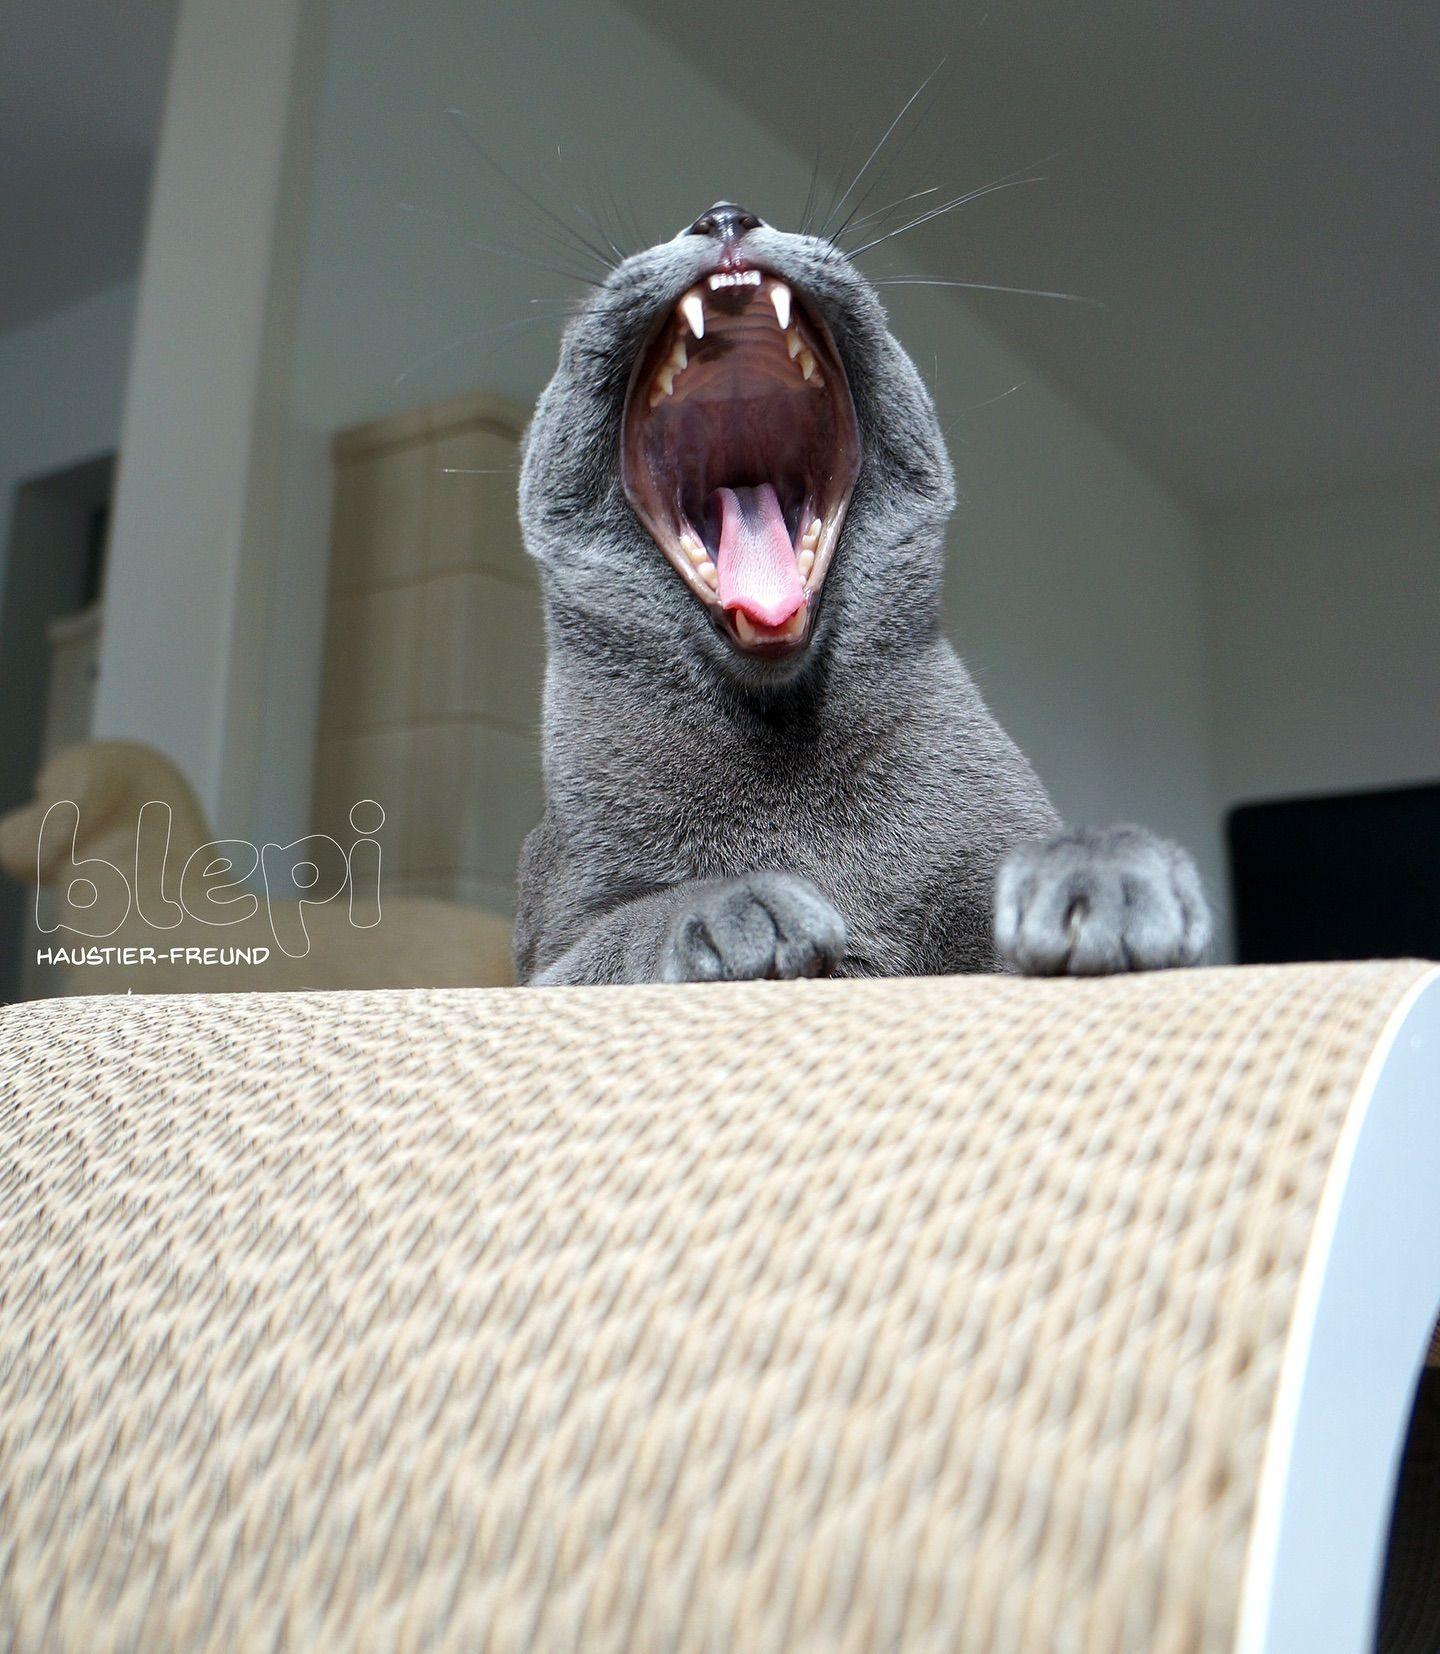 Not Tired But Friendly Ein Entspannungssignal Ist Das Gahnen Denn Die Katze Zeigt Es Langst Nicht Immer Nur Dann Wenn Sie Mude I In 2020 Cats Animals Instagram